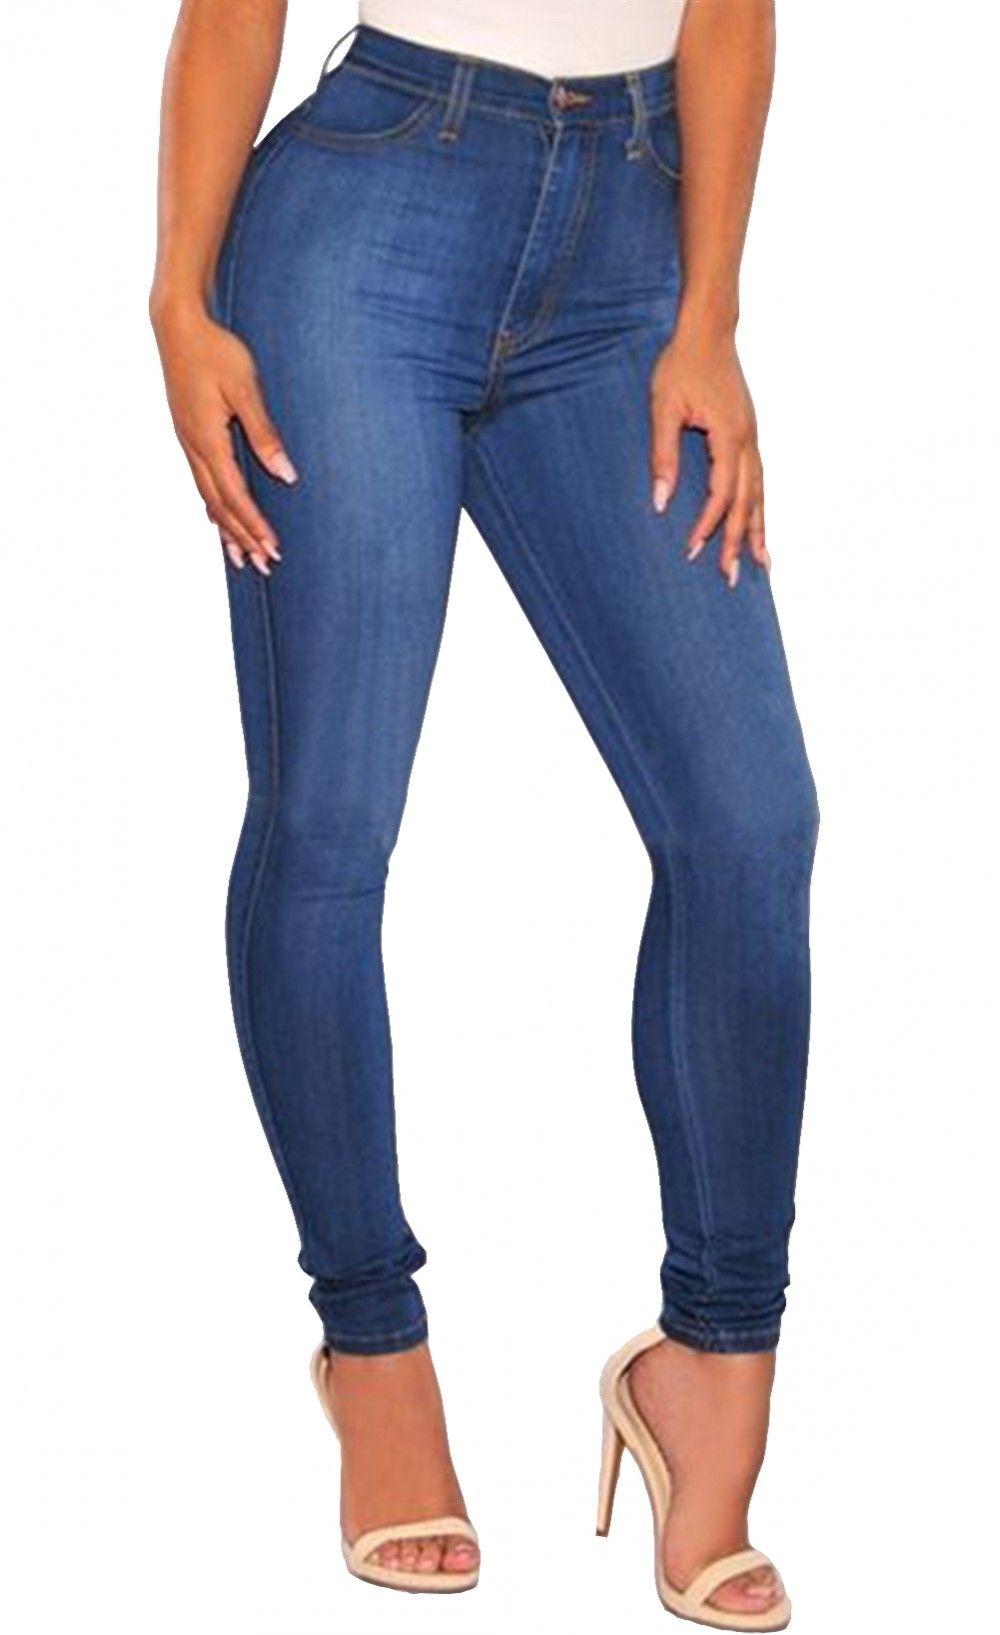 6db354dfba63  42.99 Blue Medium Wash Denim High-Waist Skinny Jeans